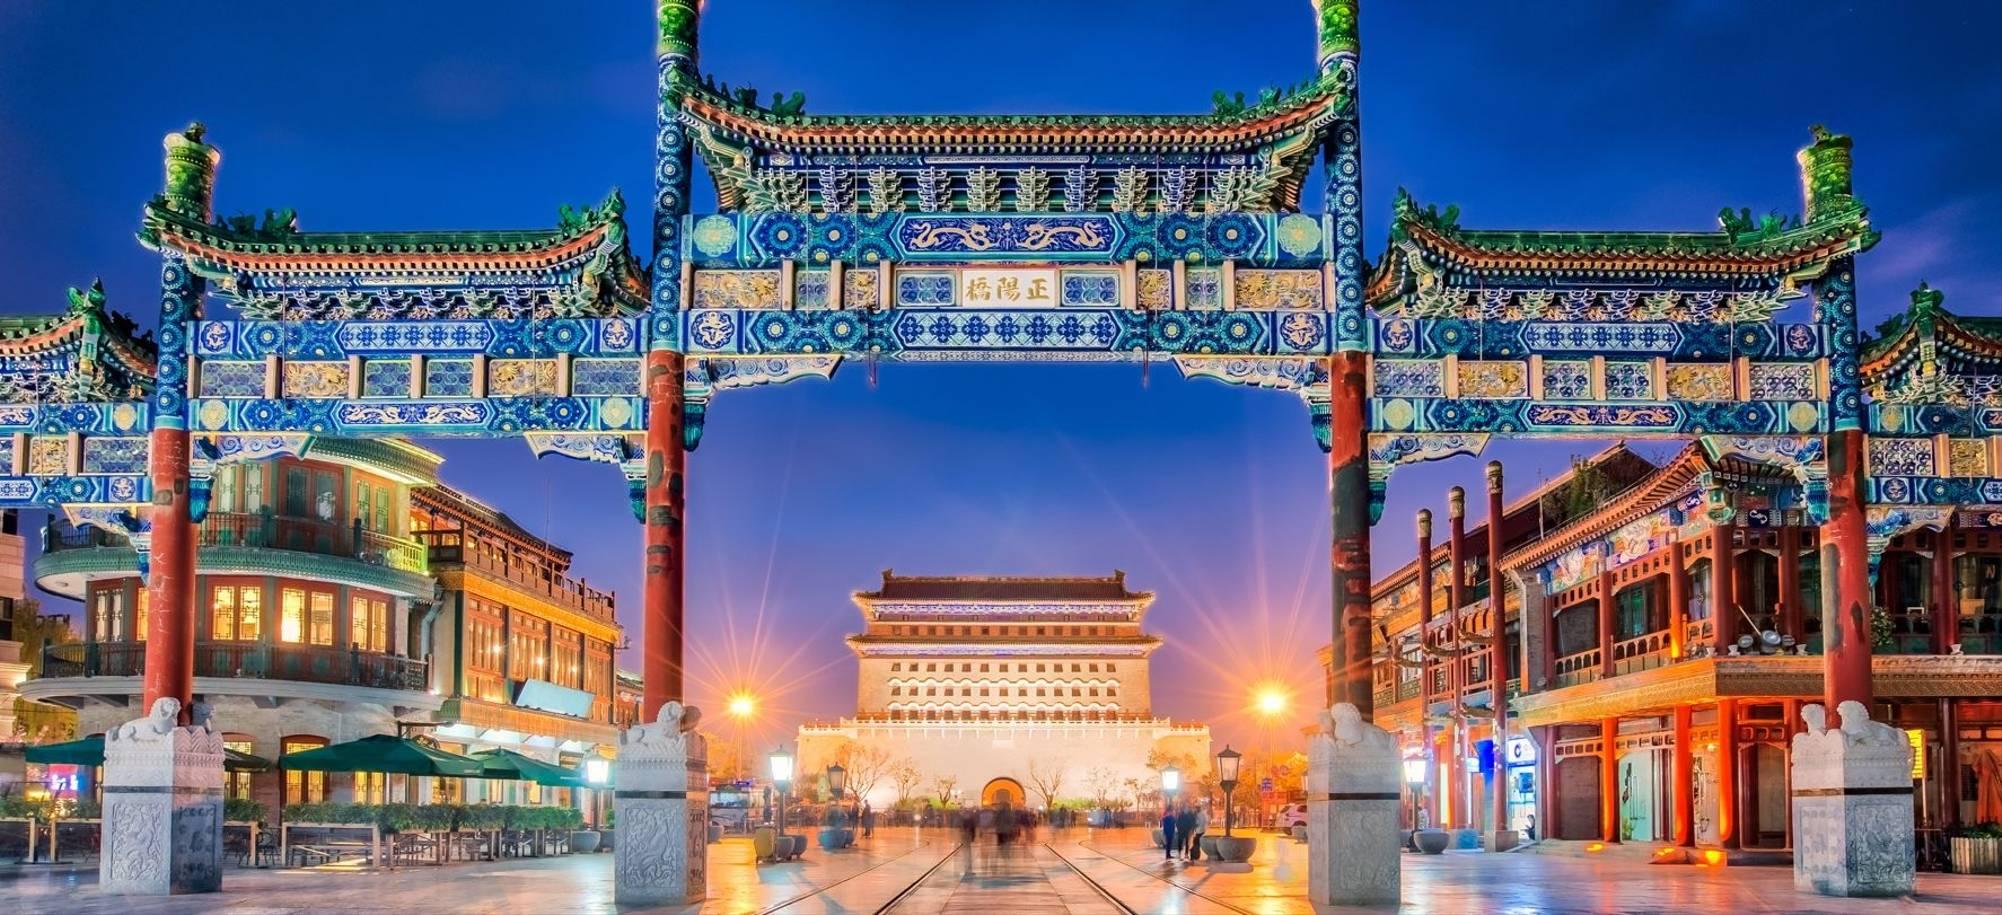 12 13 Day   Tianjin (Beijing) Zhengyang Gate Jianlou  Itinerary Desktop